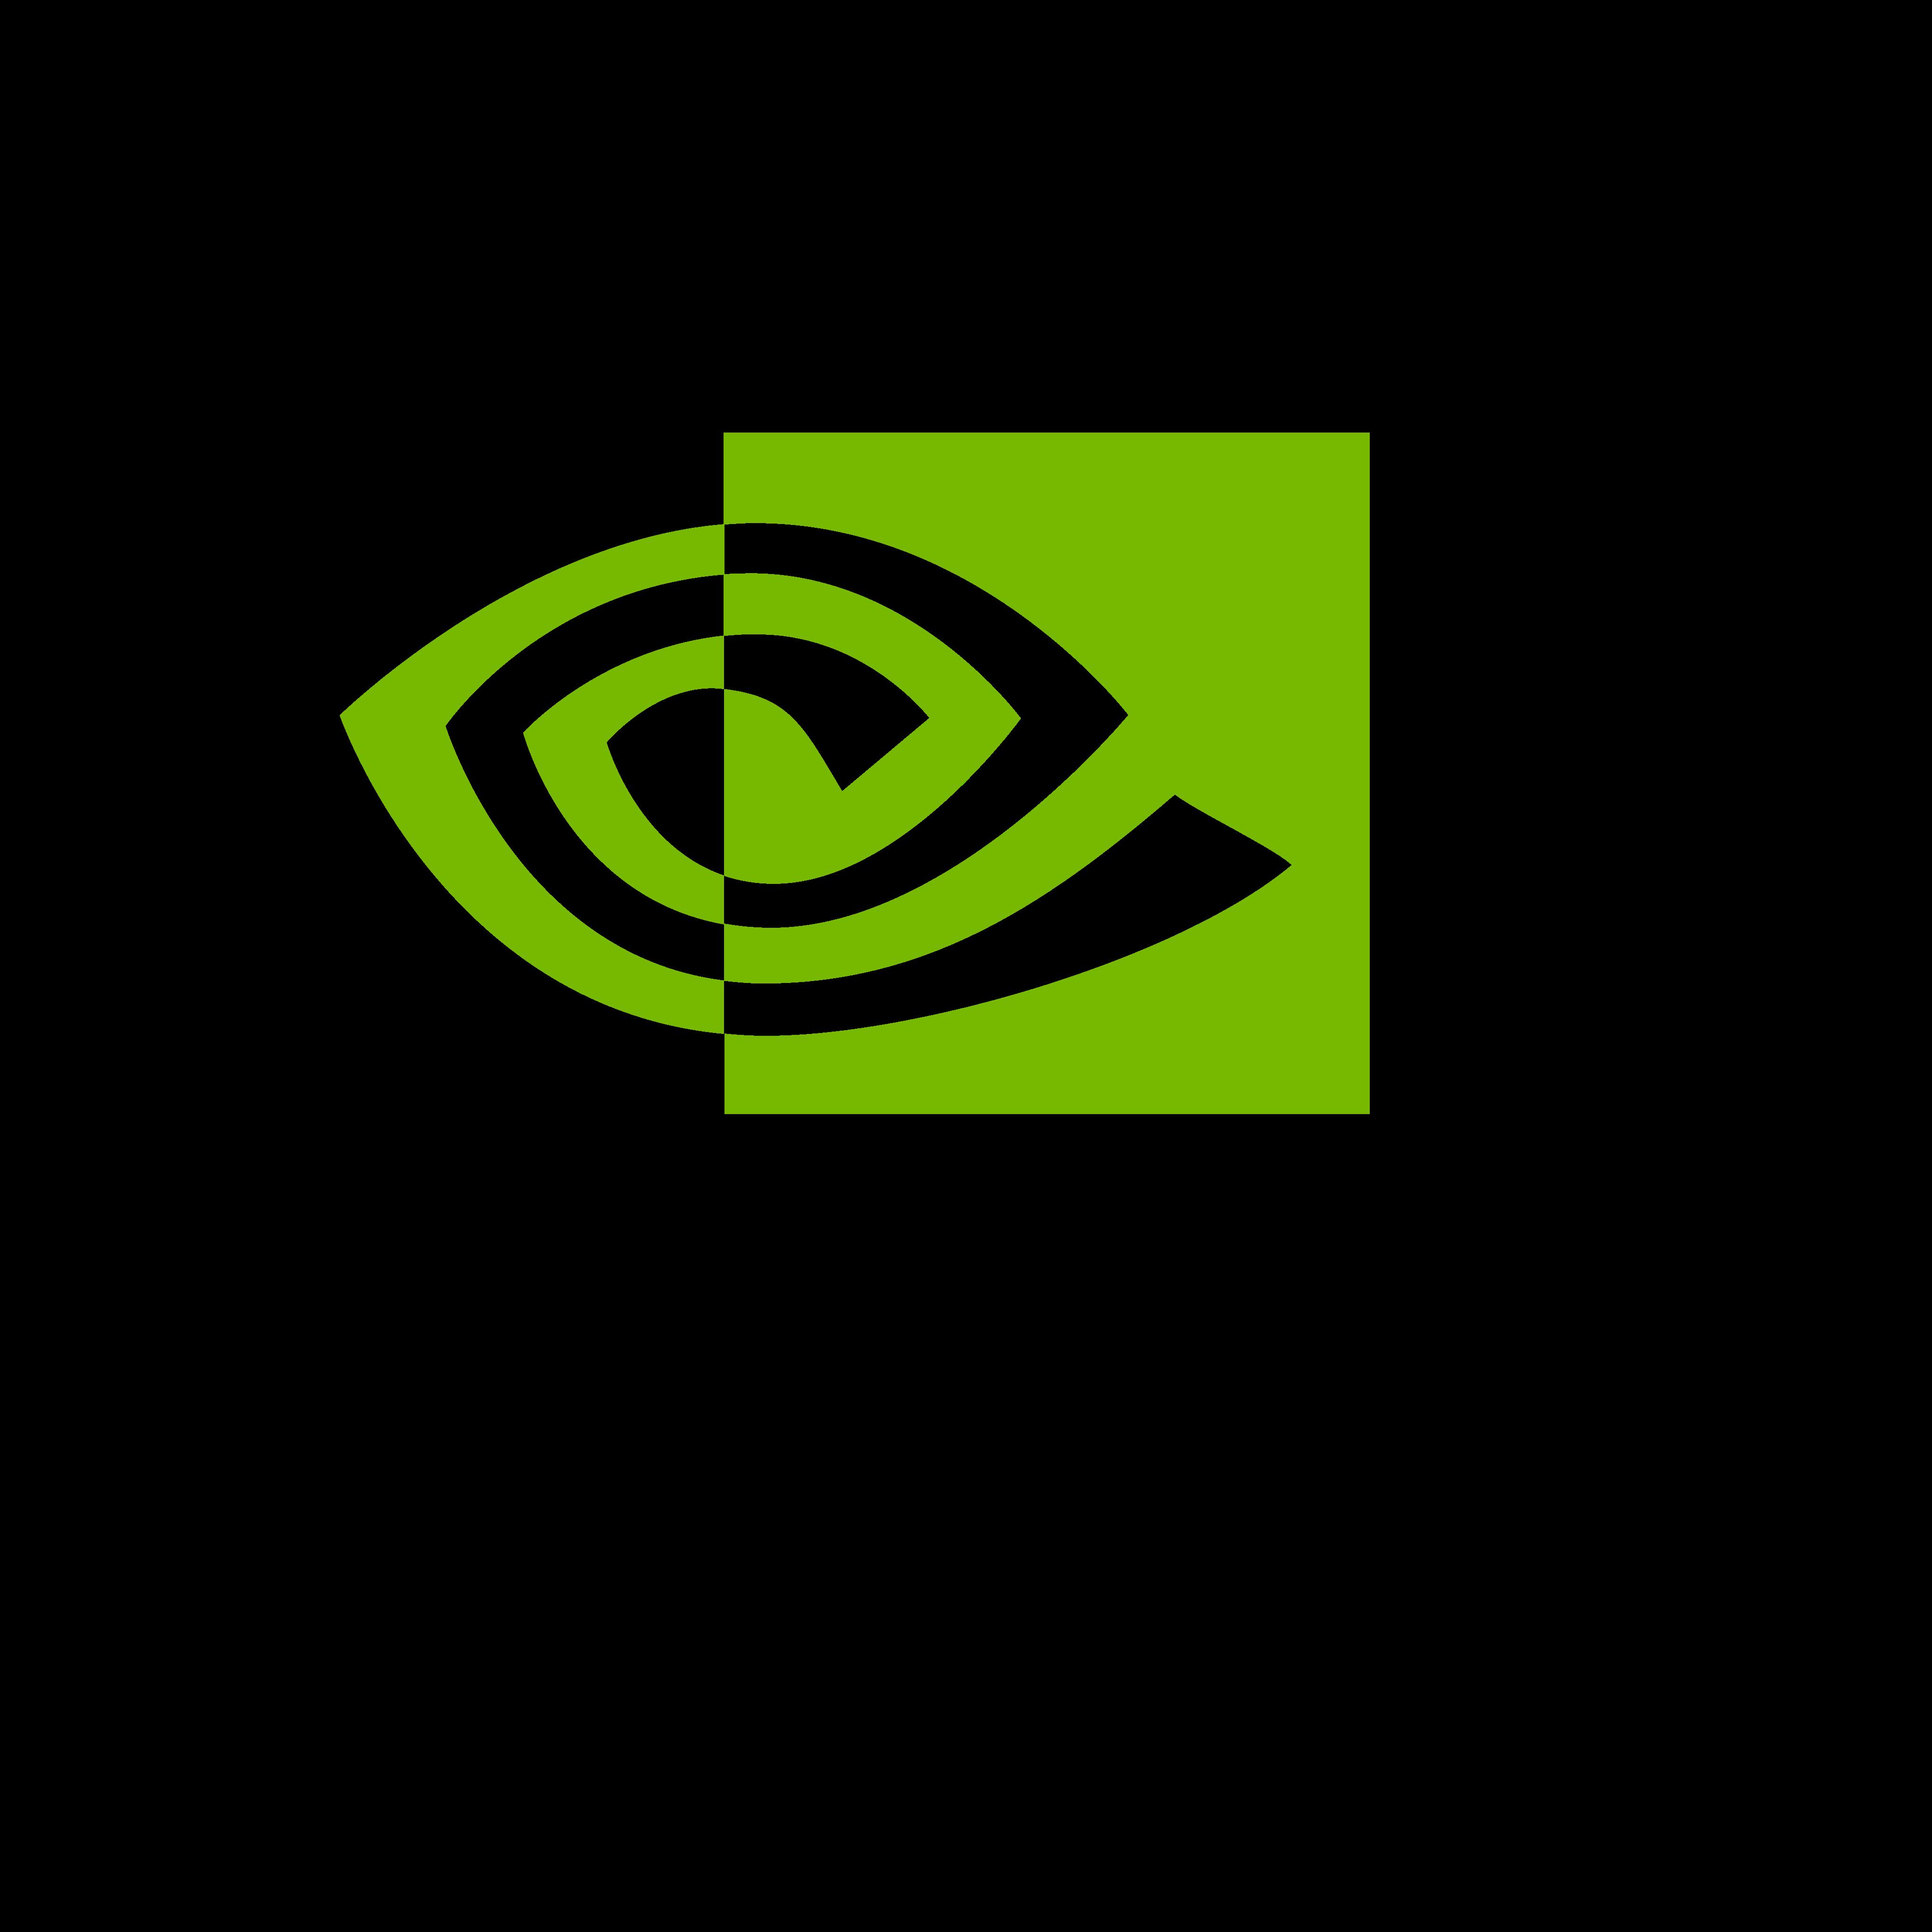 nvidia logo 0 - Nvidia Logo